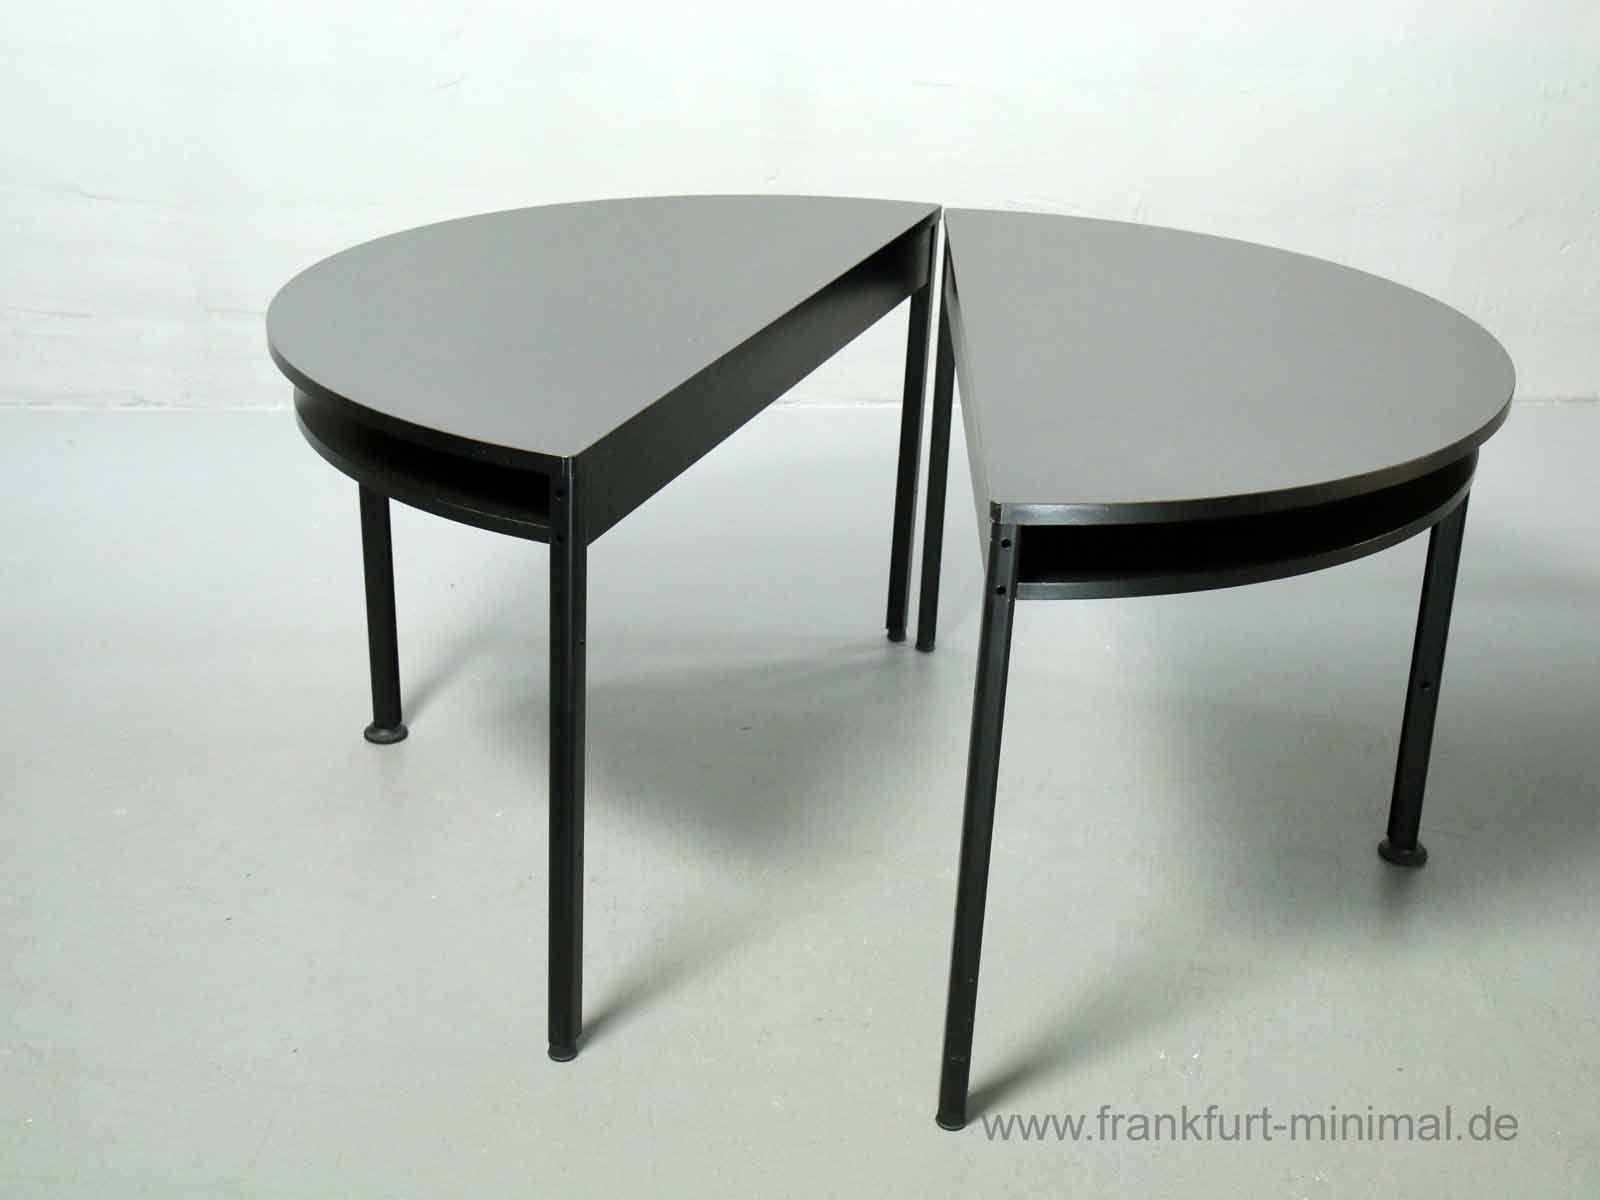 Halbkreistisch Tischprogramm 570 Dieter Rams Vitsoe